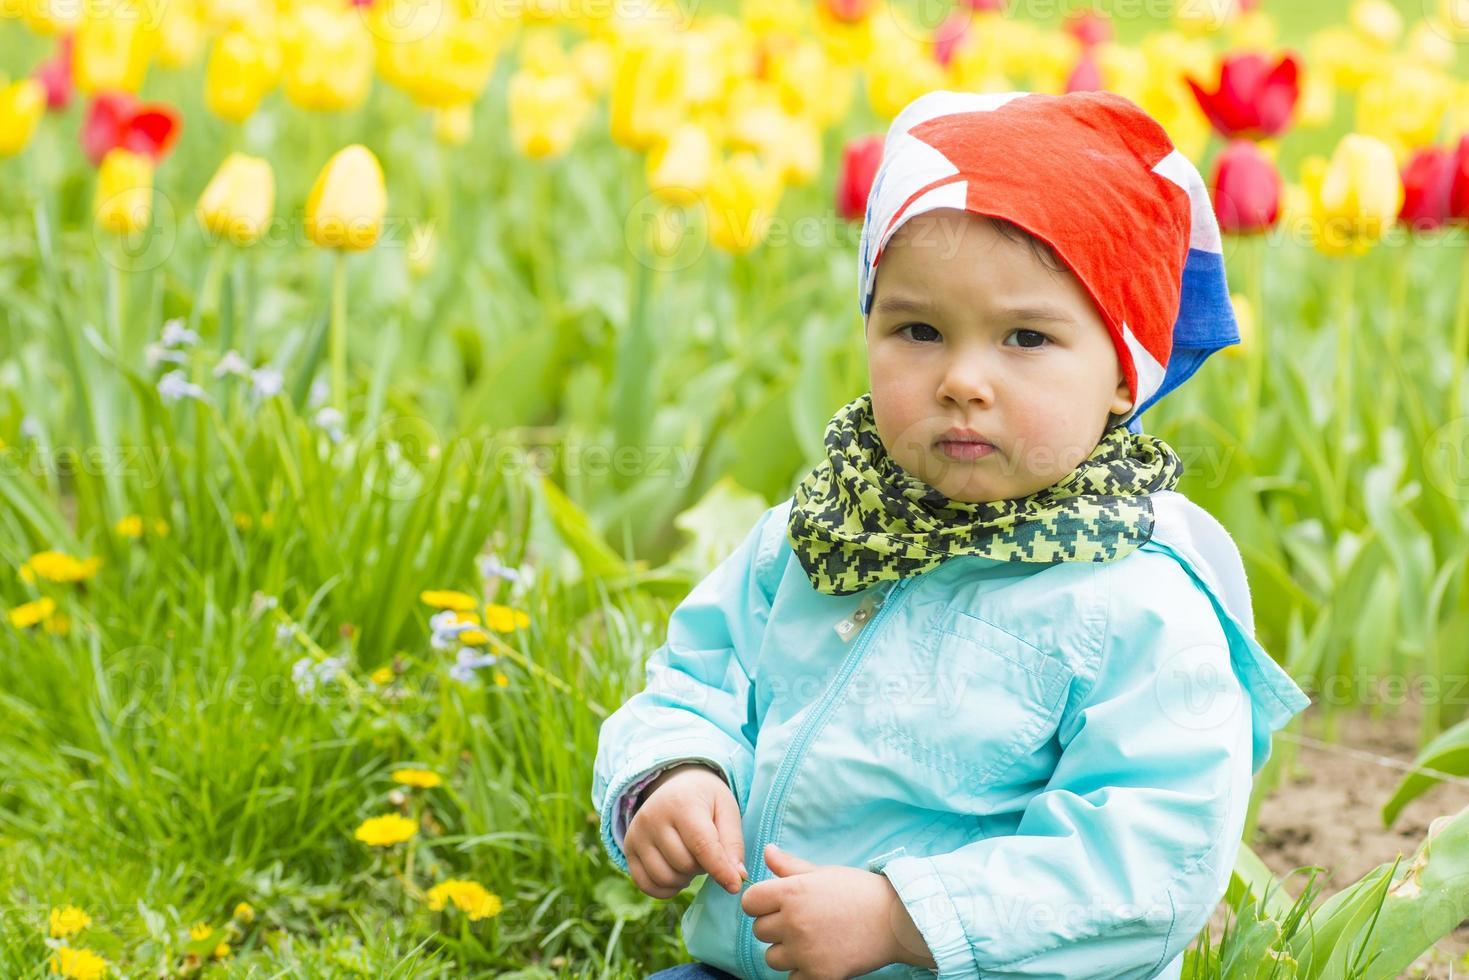 belle petite fille sur un champ de tulipes photo